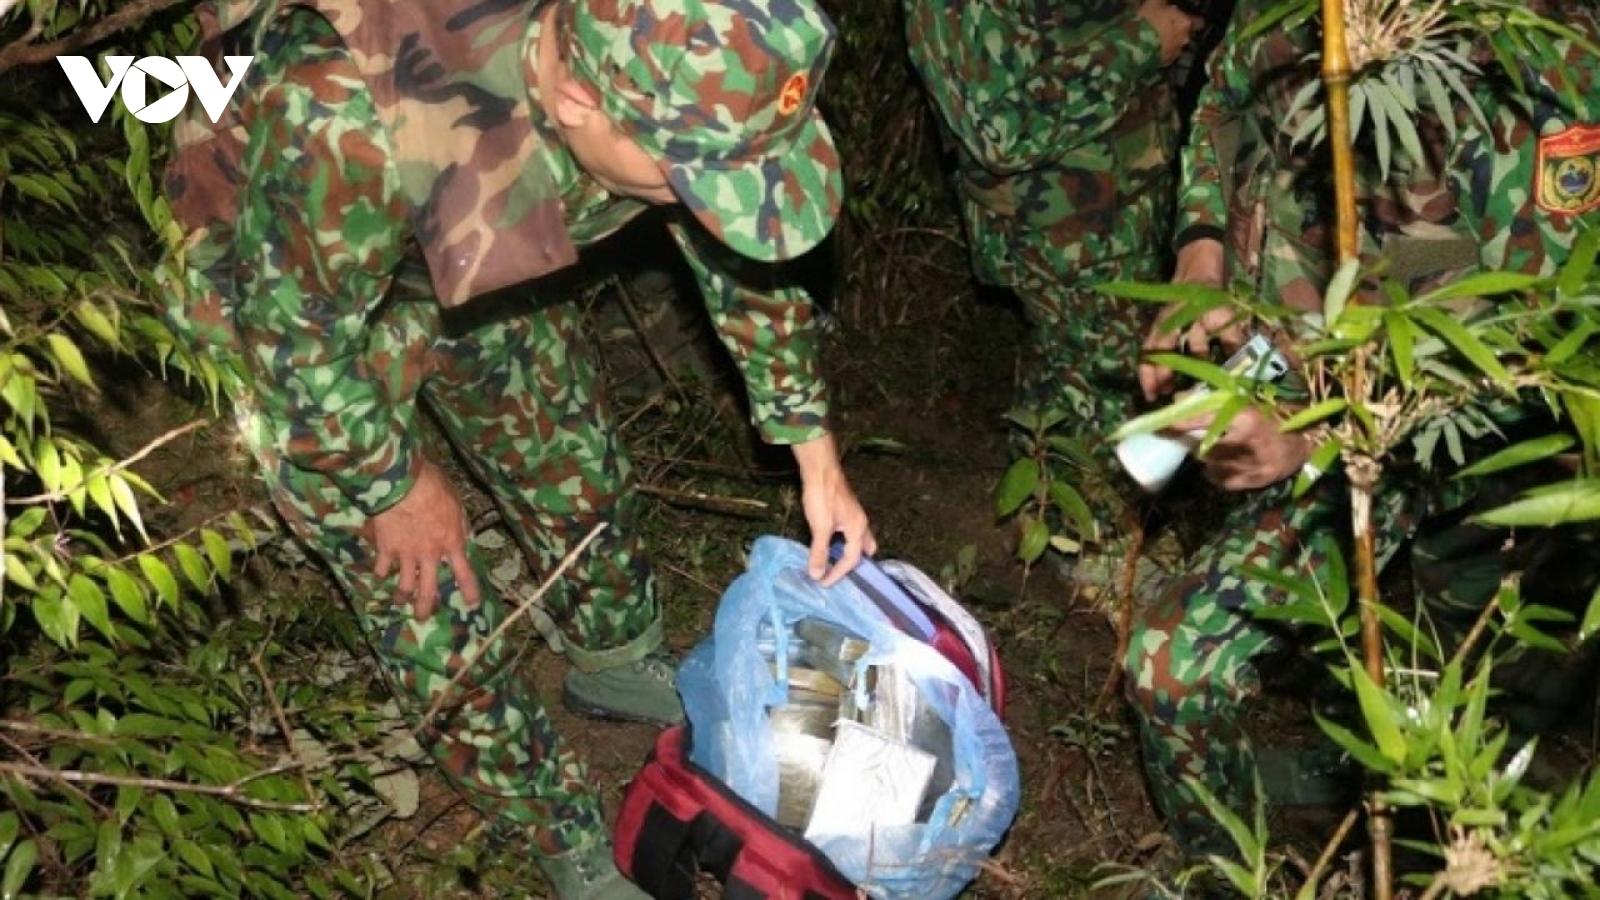 Nóng 24h: Truy lùng nhóm đối tượng nổ súng chống trả khi bị vây bắt